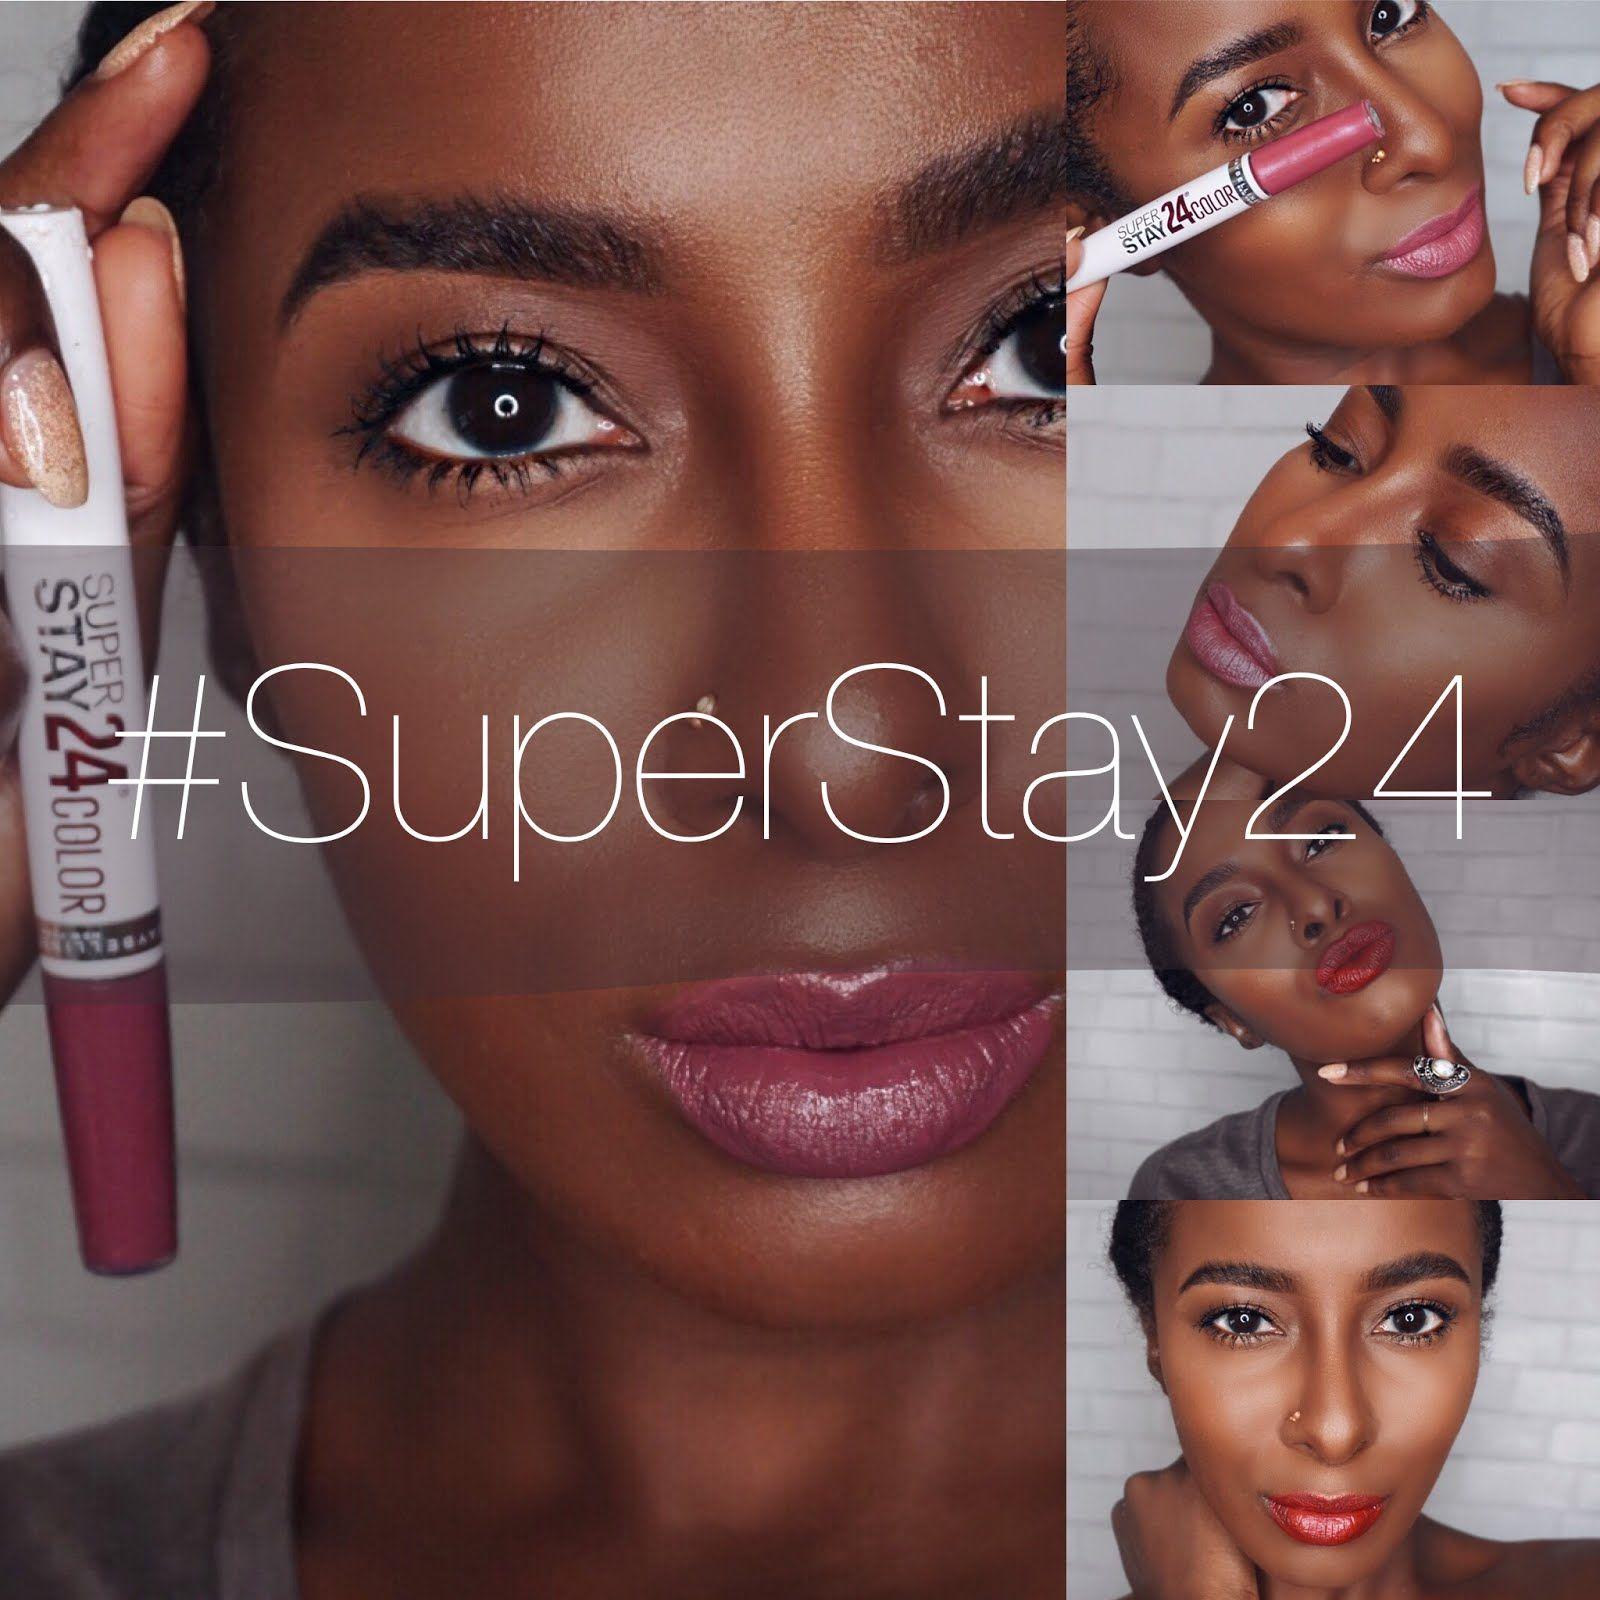 Beauty Fashion Xoxo: Xoxo-Brosia: MAYBELLINE NY'S SUPERSTAY 24 LIP SWATCHES